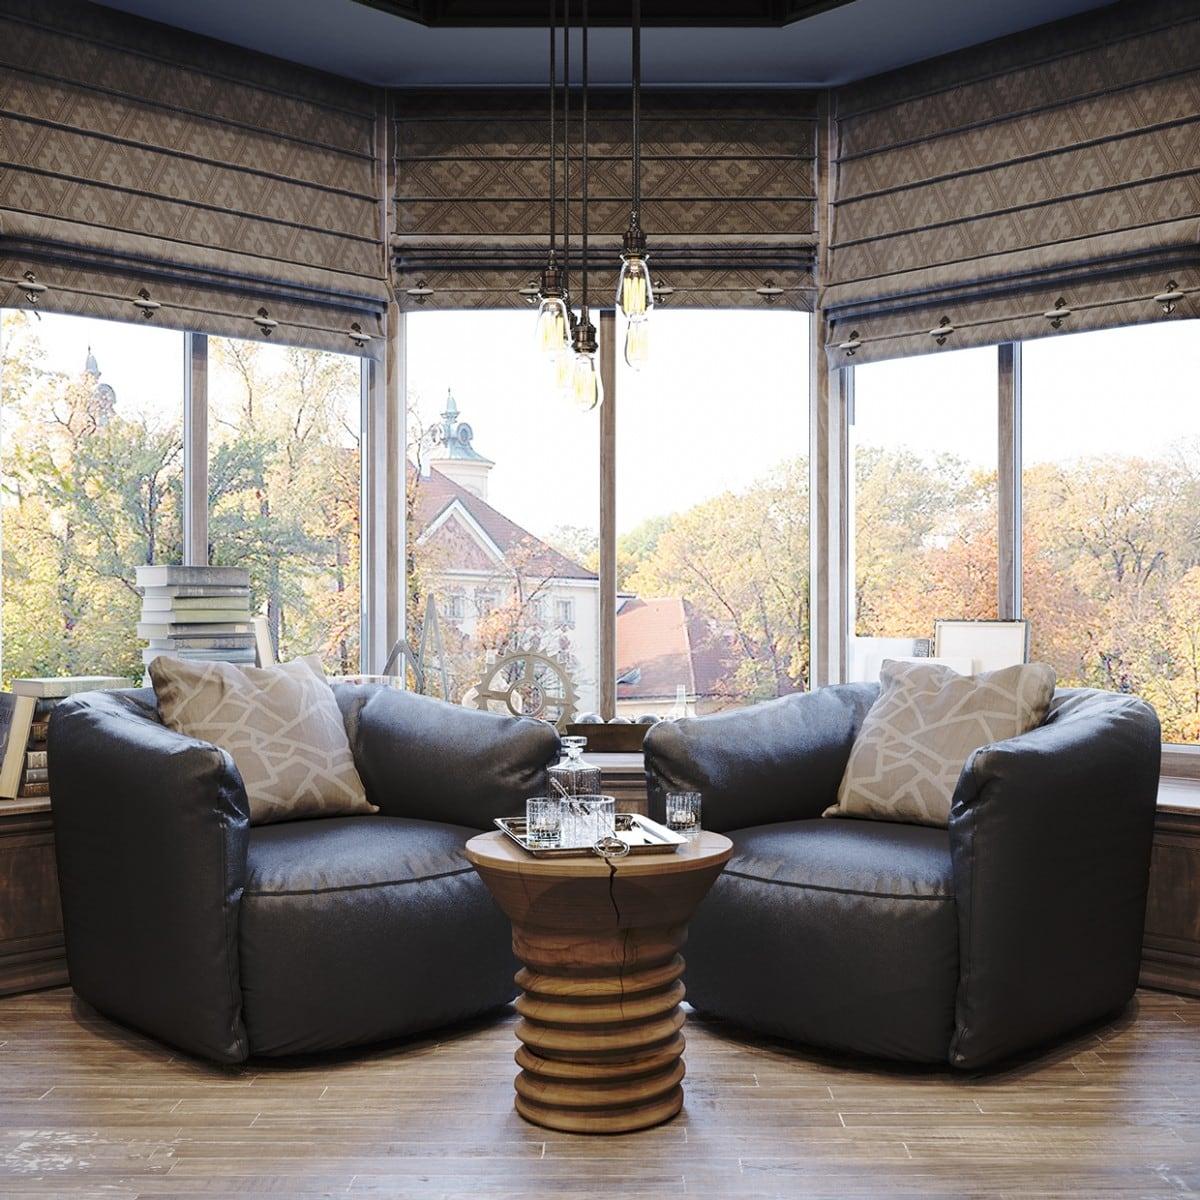 Vintage office for a private residence Denis Krasikov - www.homeworlddesign. com (5)